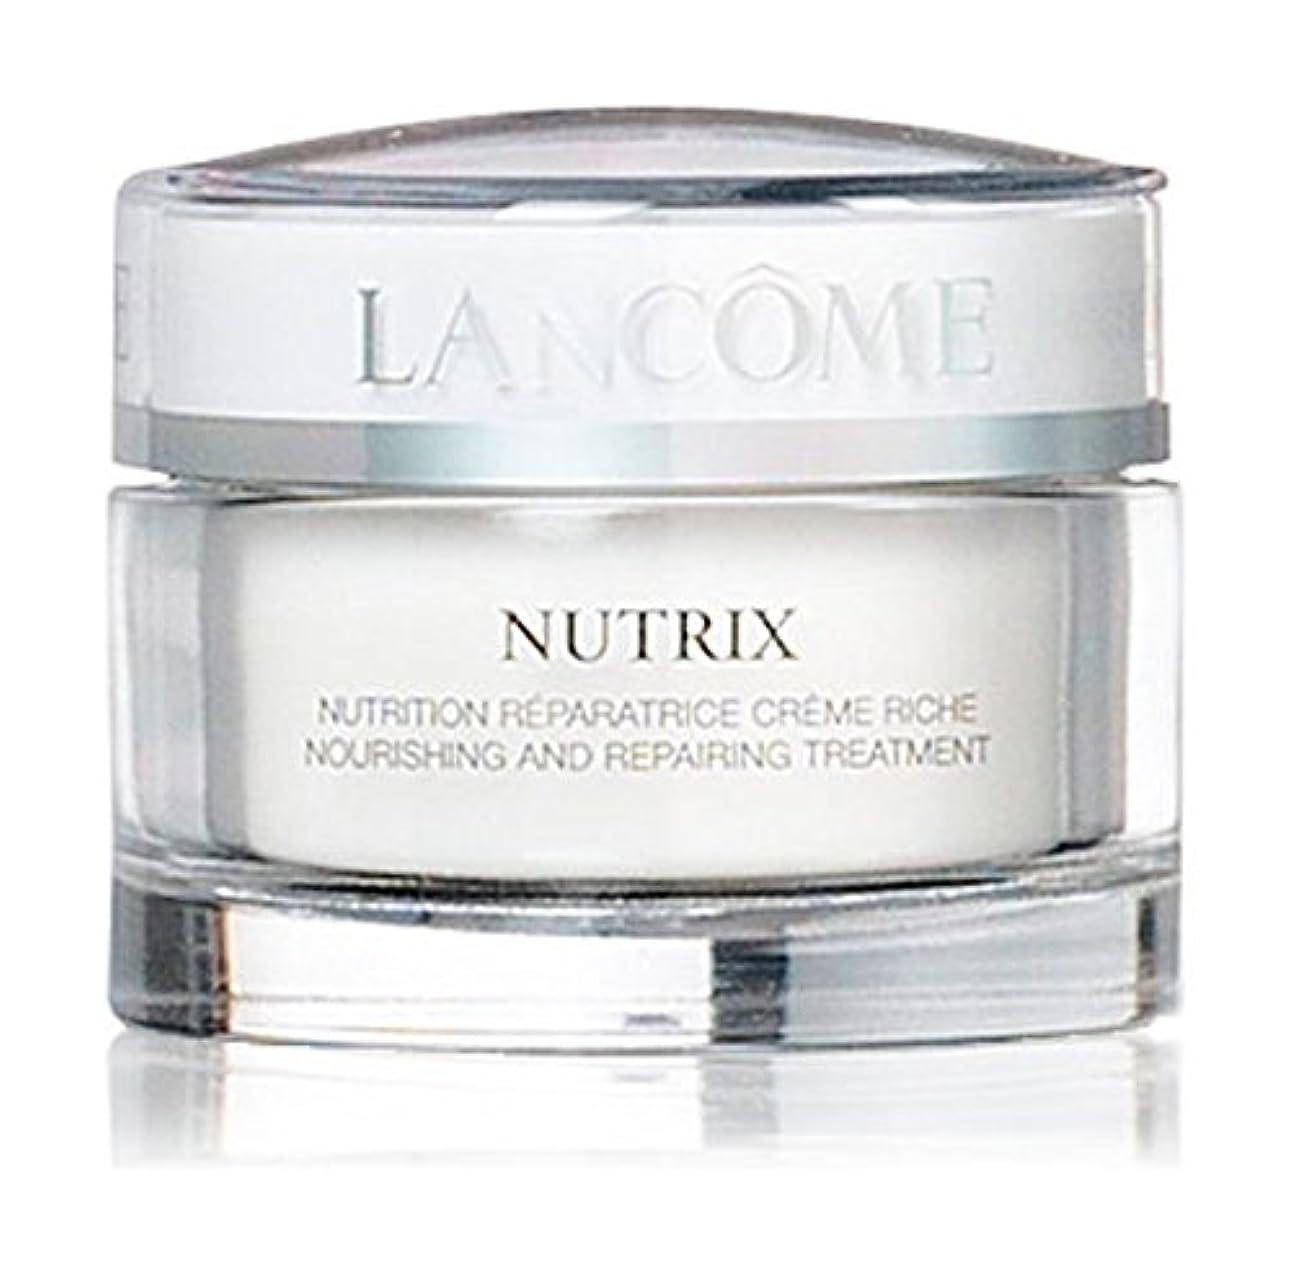 美的サーバ買収ランコム Nutrix Nourishing And Repairing Treatment Rich Cream - For Very Dry, Sensitive Or Irritated Skin 50ml/1.7oz...